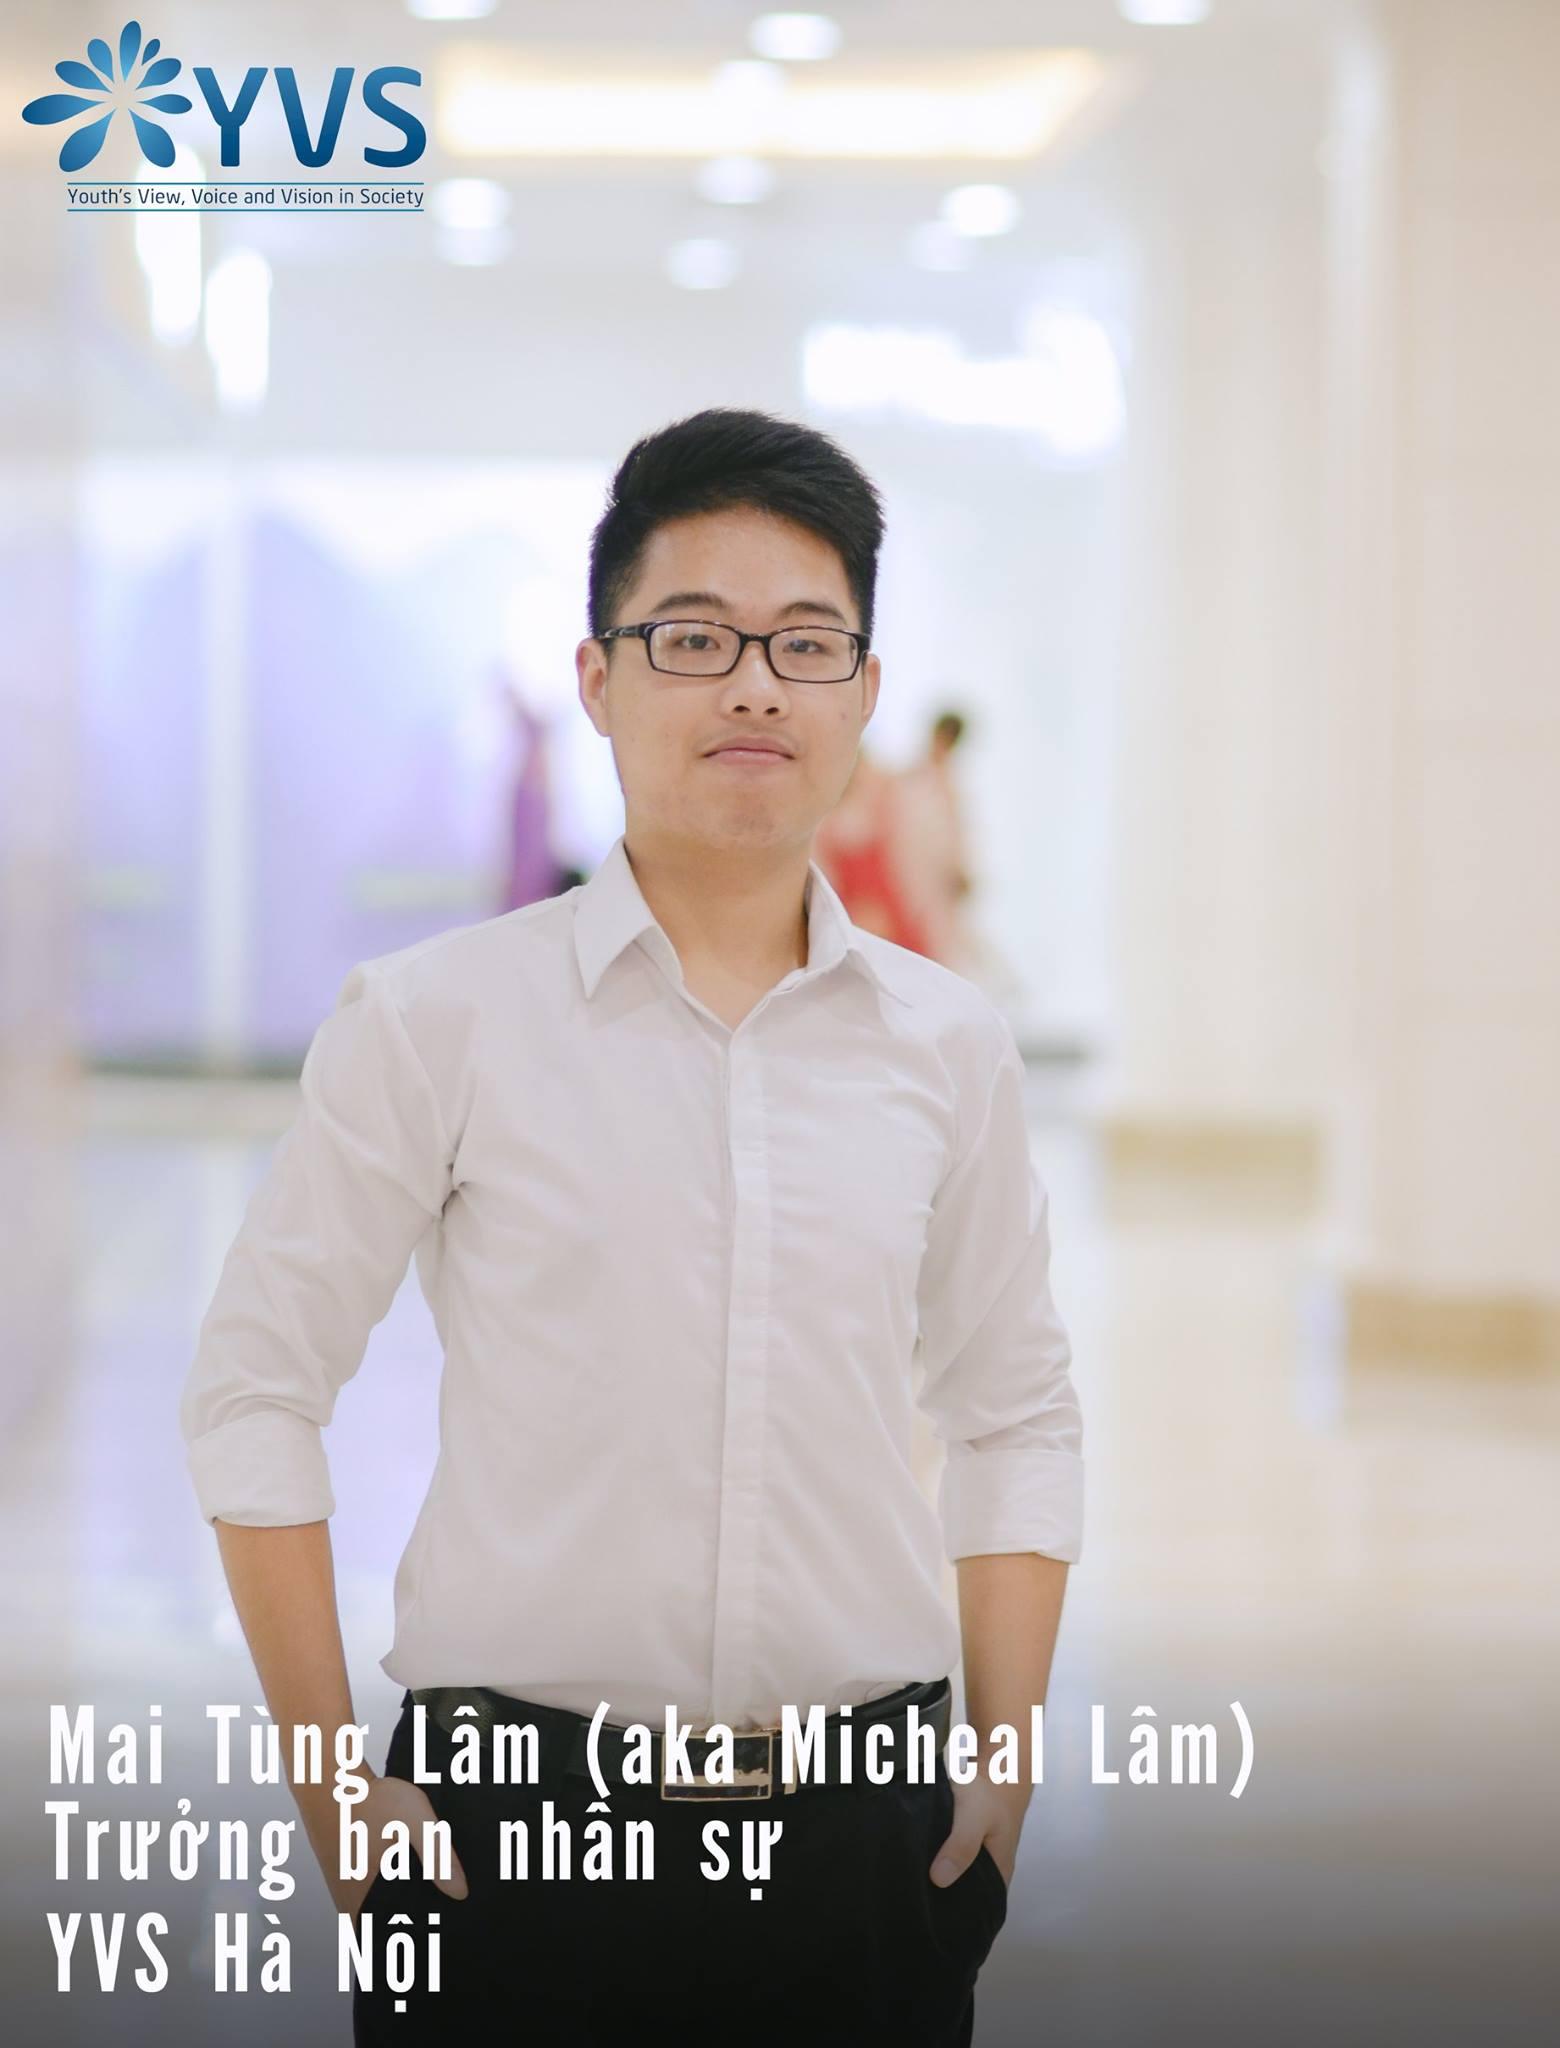 Mai Tung Lam